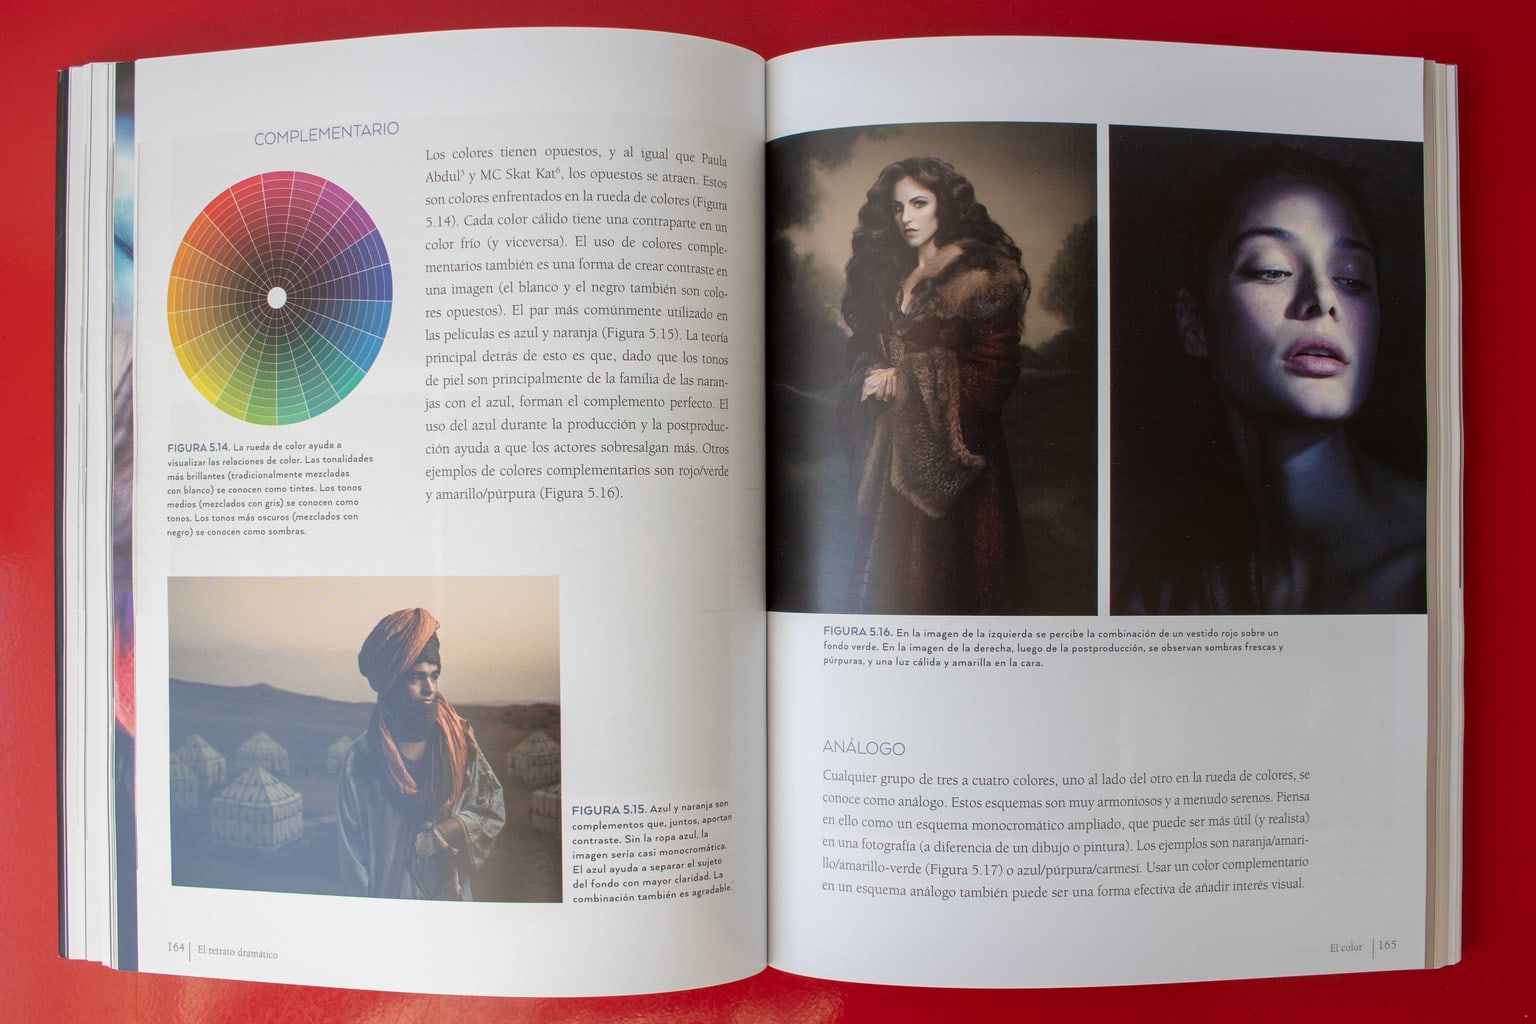 foto repetida en el libro retrato dramático